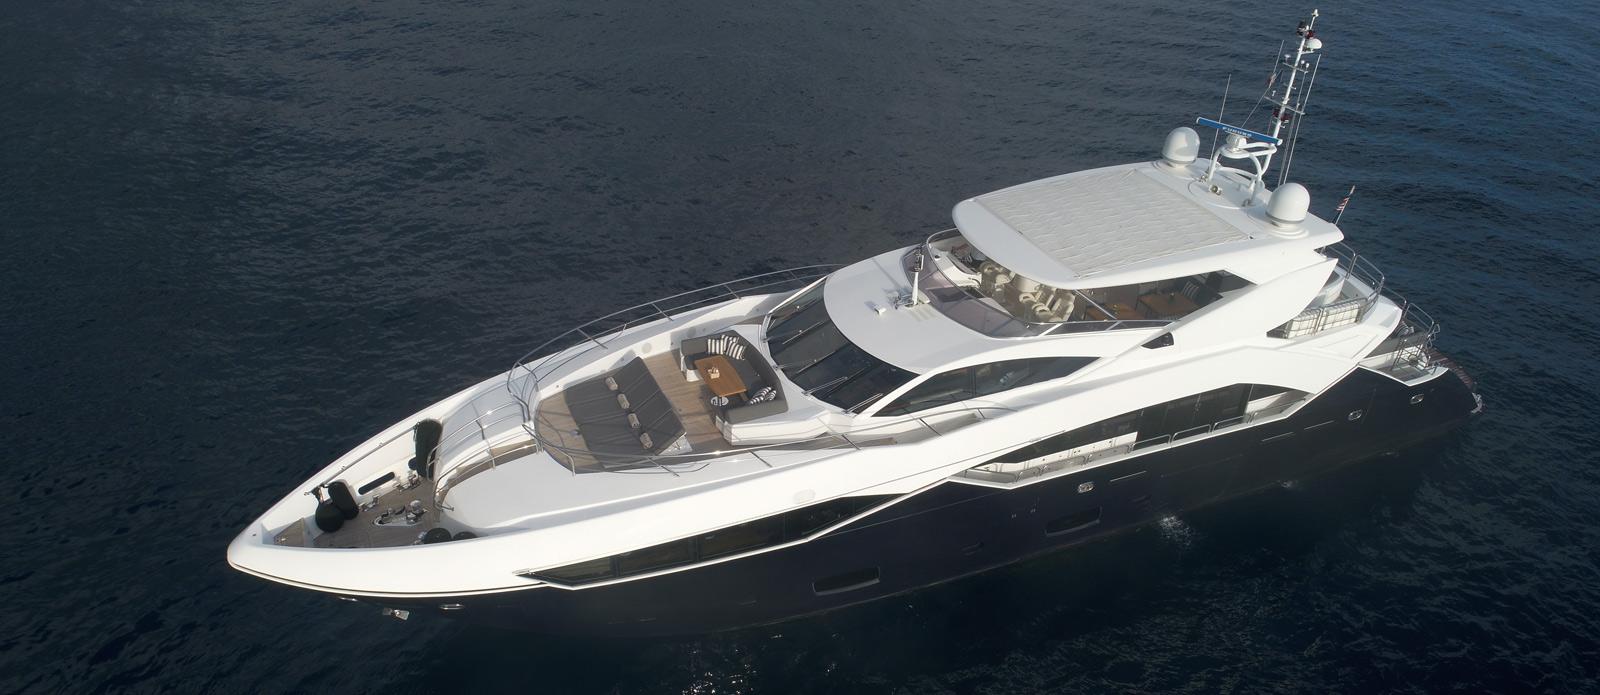 Sunseeker-115-Sport-Yacht-Zulu-Overhead-Drone-Photo